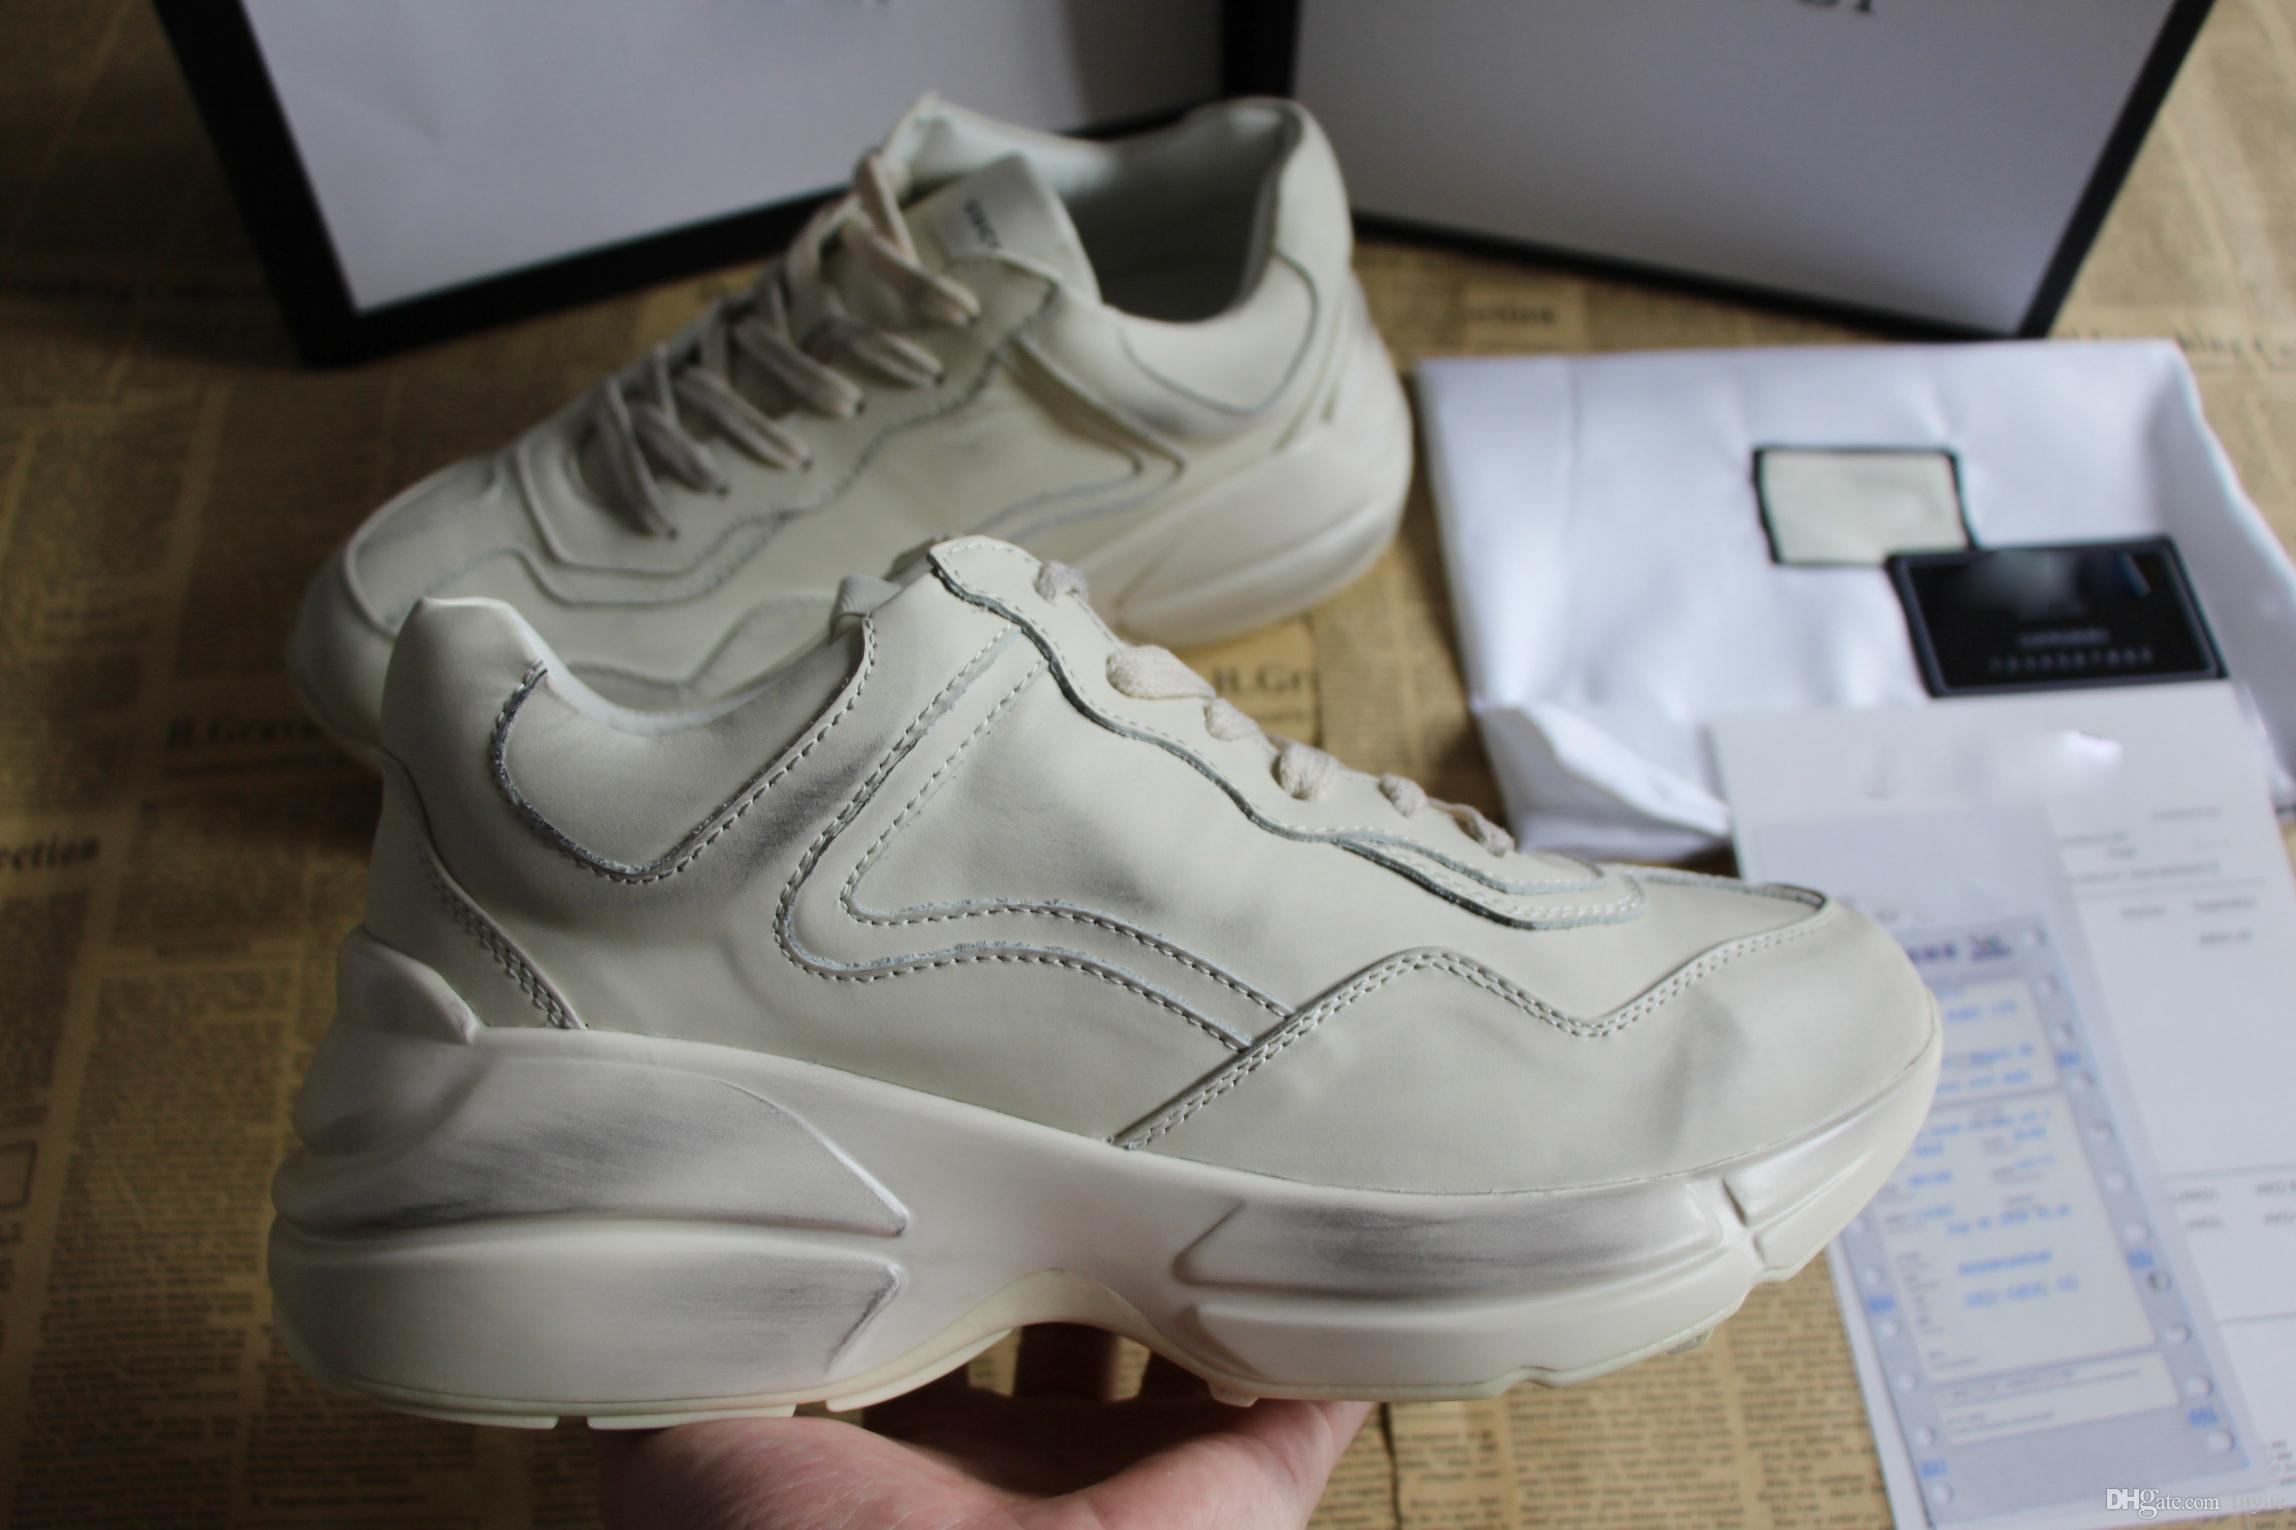 Mujer Suela Construcción Unisex Zapatos Rhyton Deporte Casuales Y Para Zapatilla Sneaker Gruesa Diseñador Moda Voluminosa De Hombre WE9HIYeD2